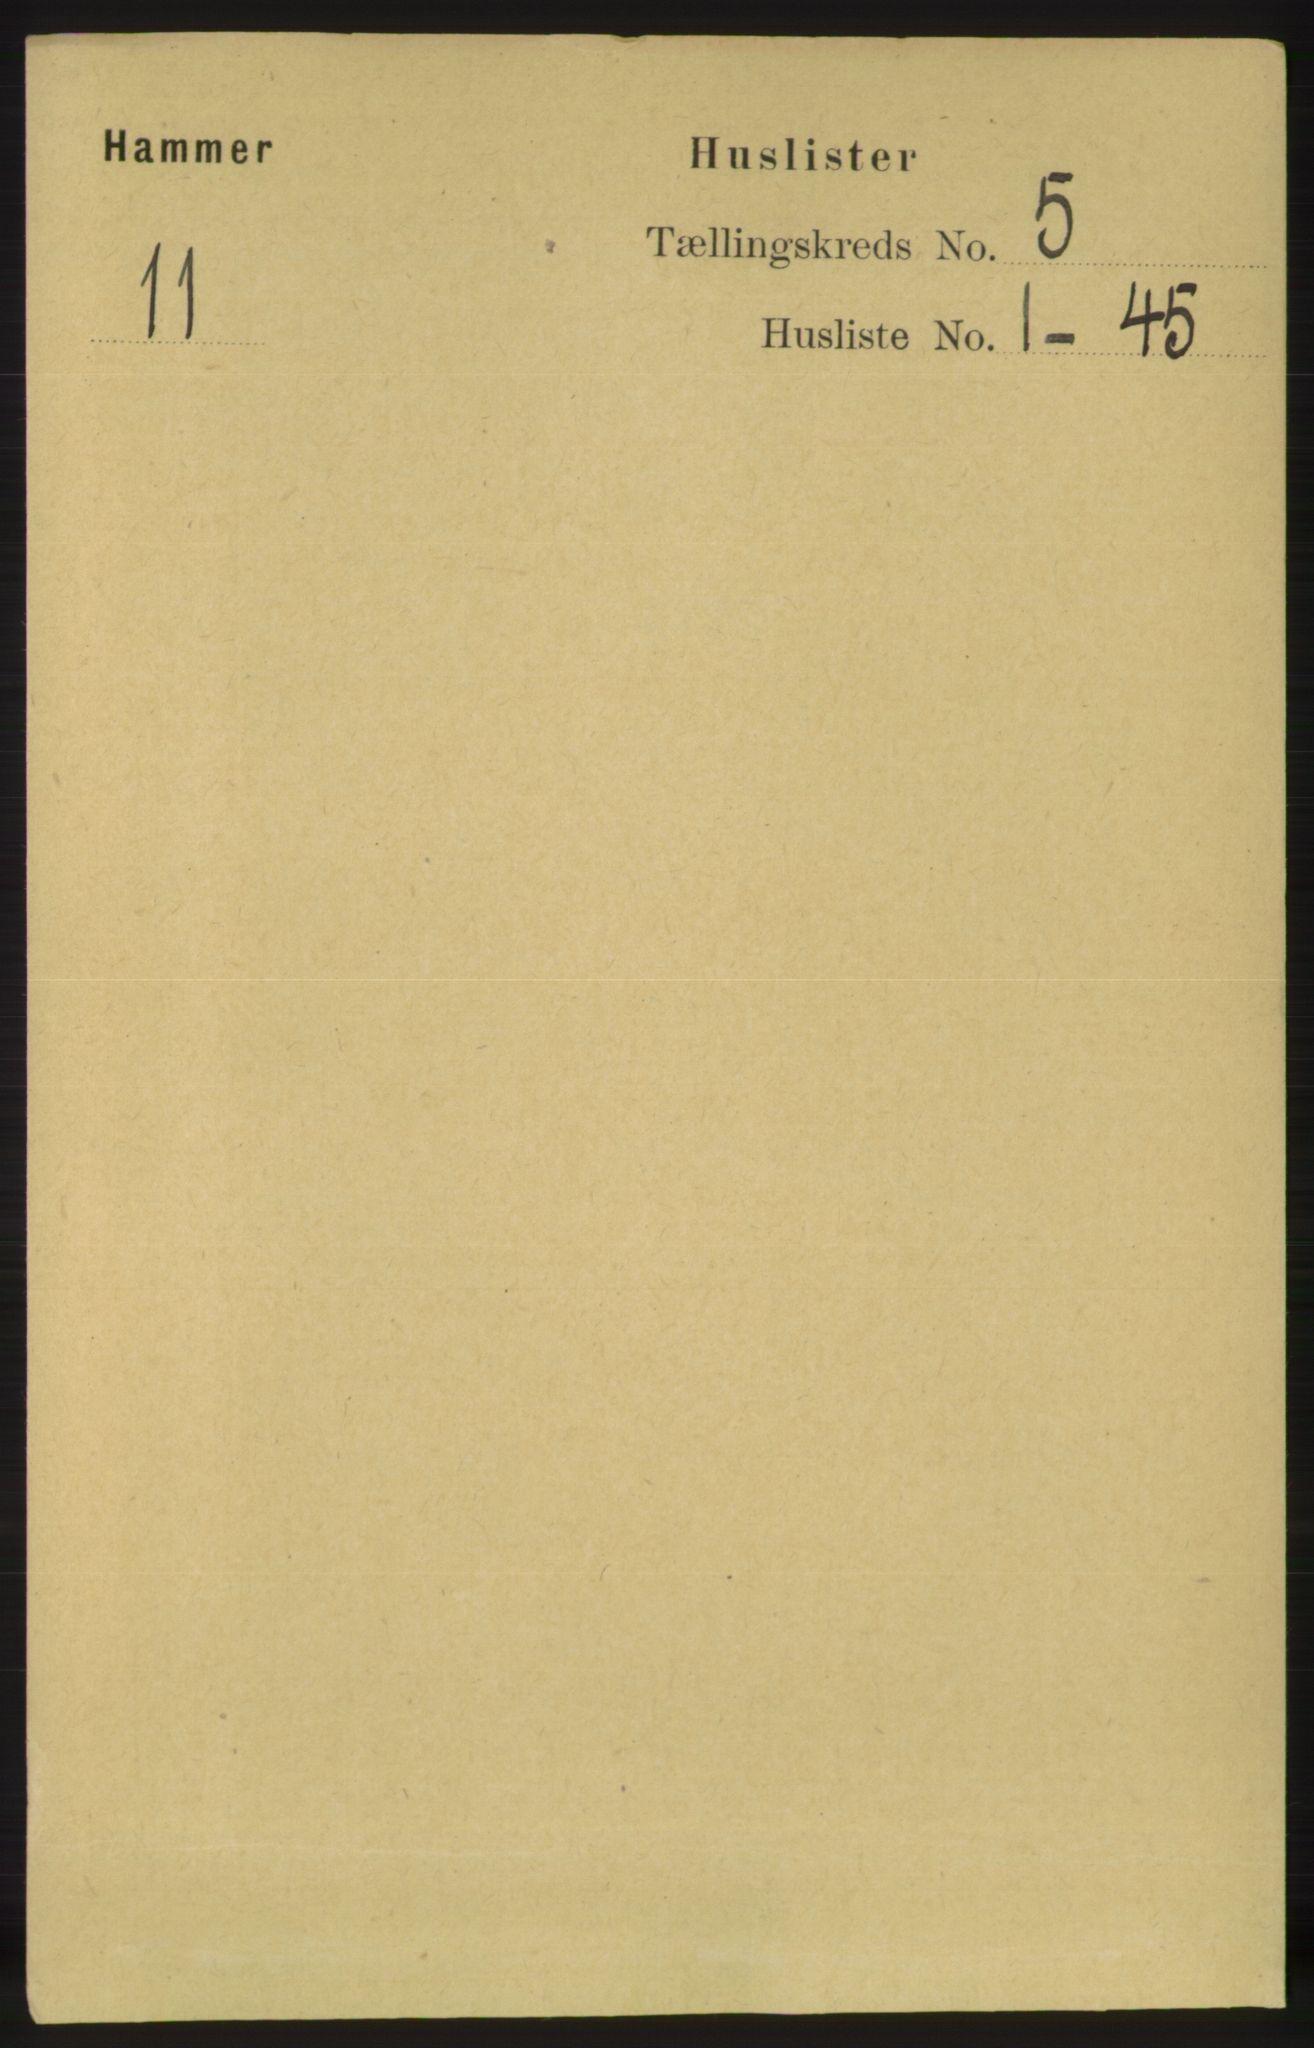 RA, Folketelling 1891 for 1254 Hamre herred, 1891, s. 1172